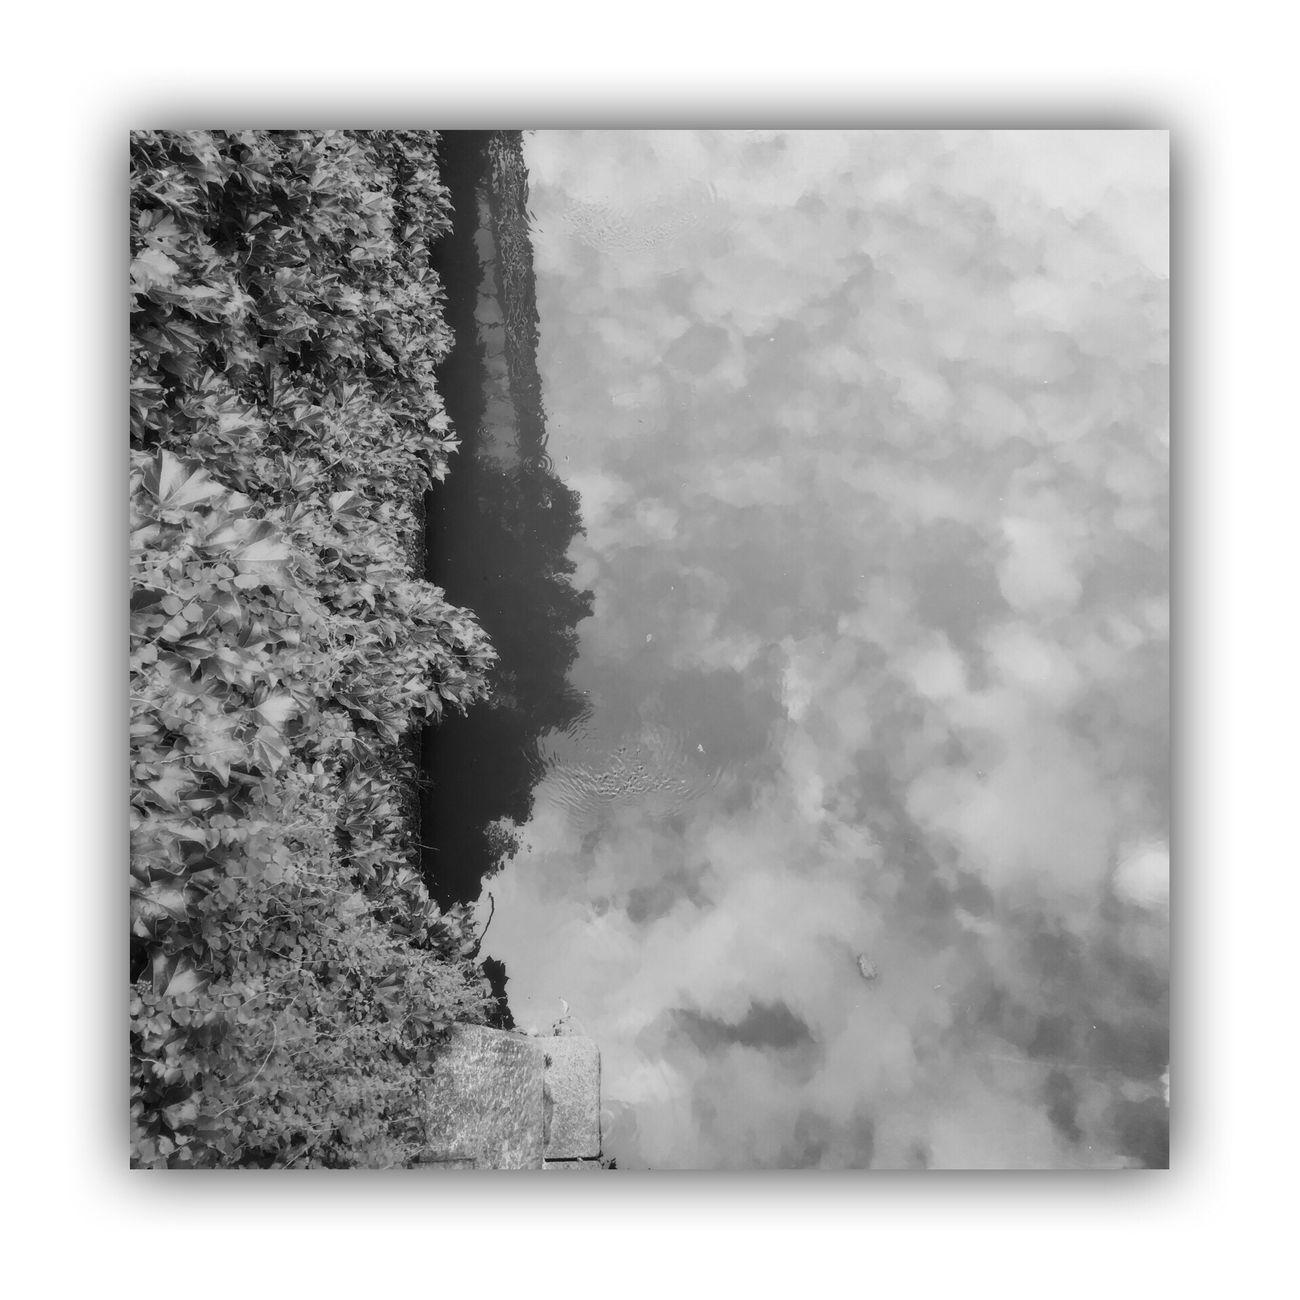 「川を橋の上から撮る。」 I Took The Rivers From On The Bridge River Bridge Blackandwhite Light And Shadow Monochrome Monochrome_life